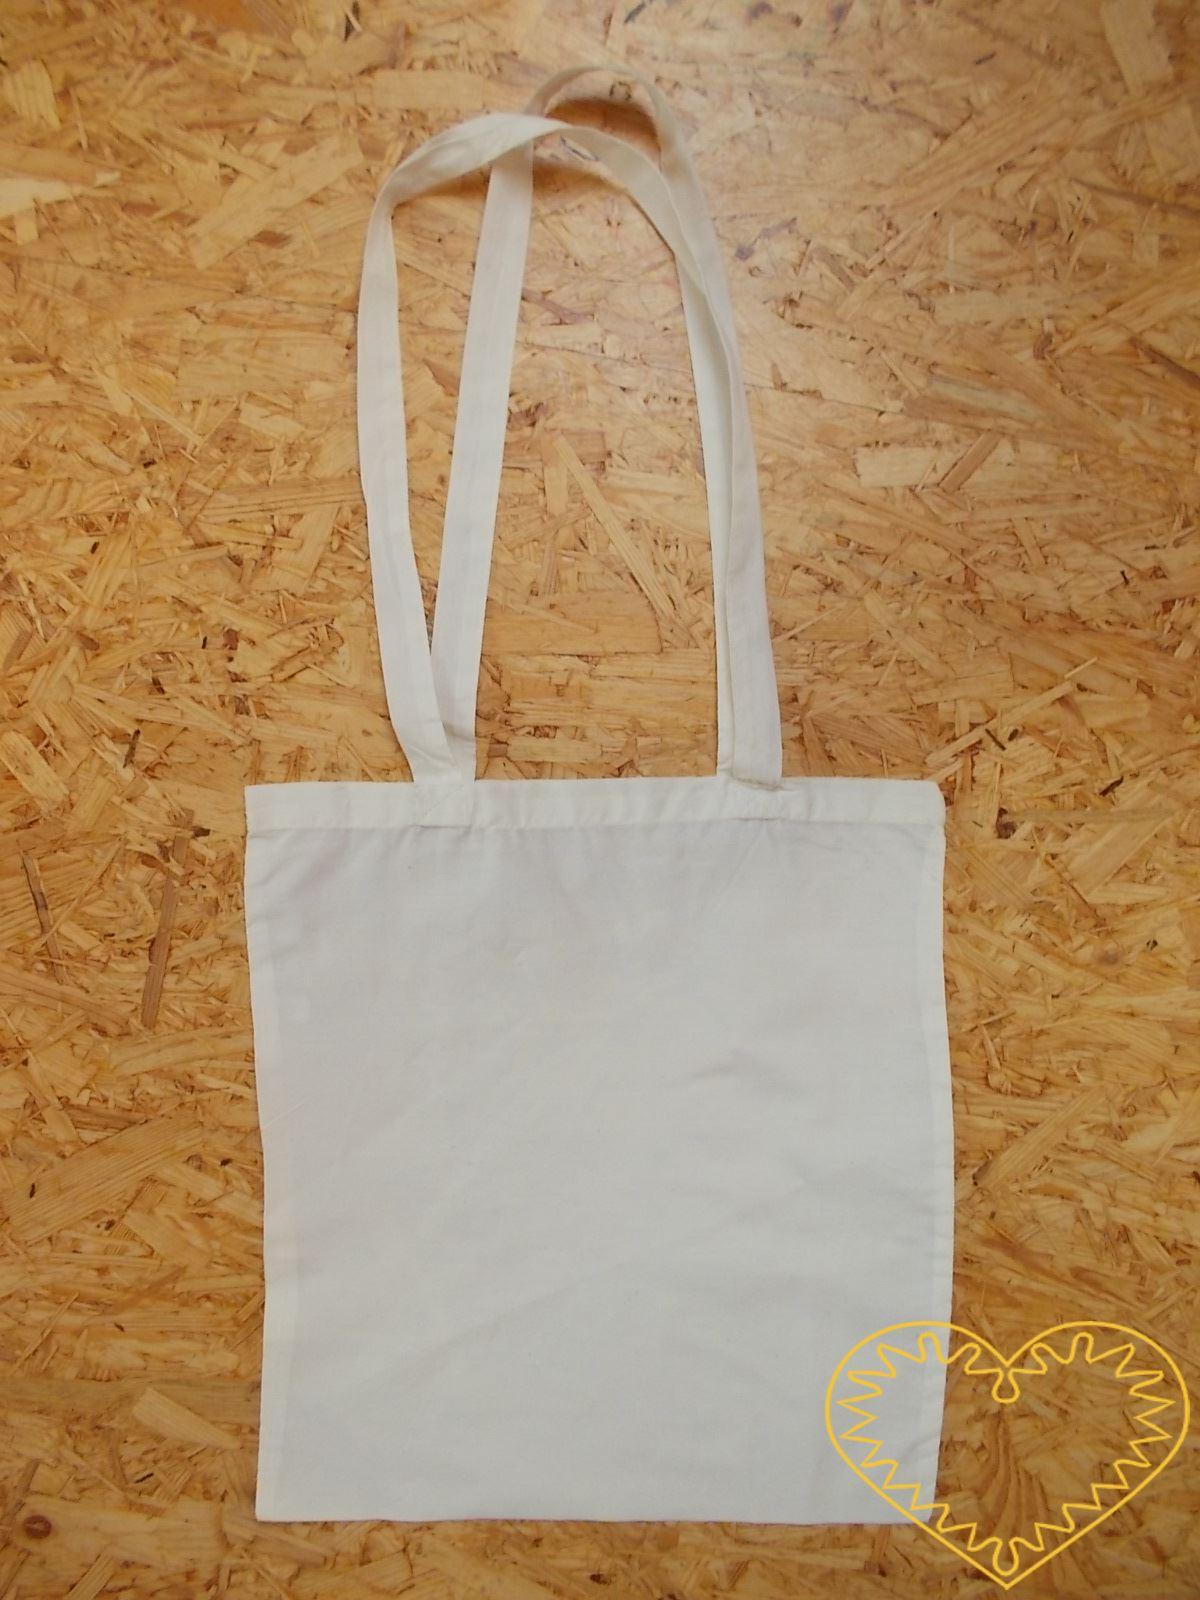 Velká plátěná bílá taška s dvěma uchy k pohodlnému nošení. Taška je vhodná pro potisk, malování a jiné techniky. Lze na ni malovat texilními barvami (i nafukovacími), fixy na textil, textilními voskovkami. Můžete použít i nejrůznější šablony. Vhodné